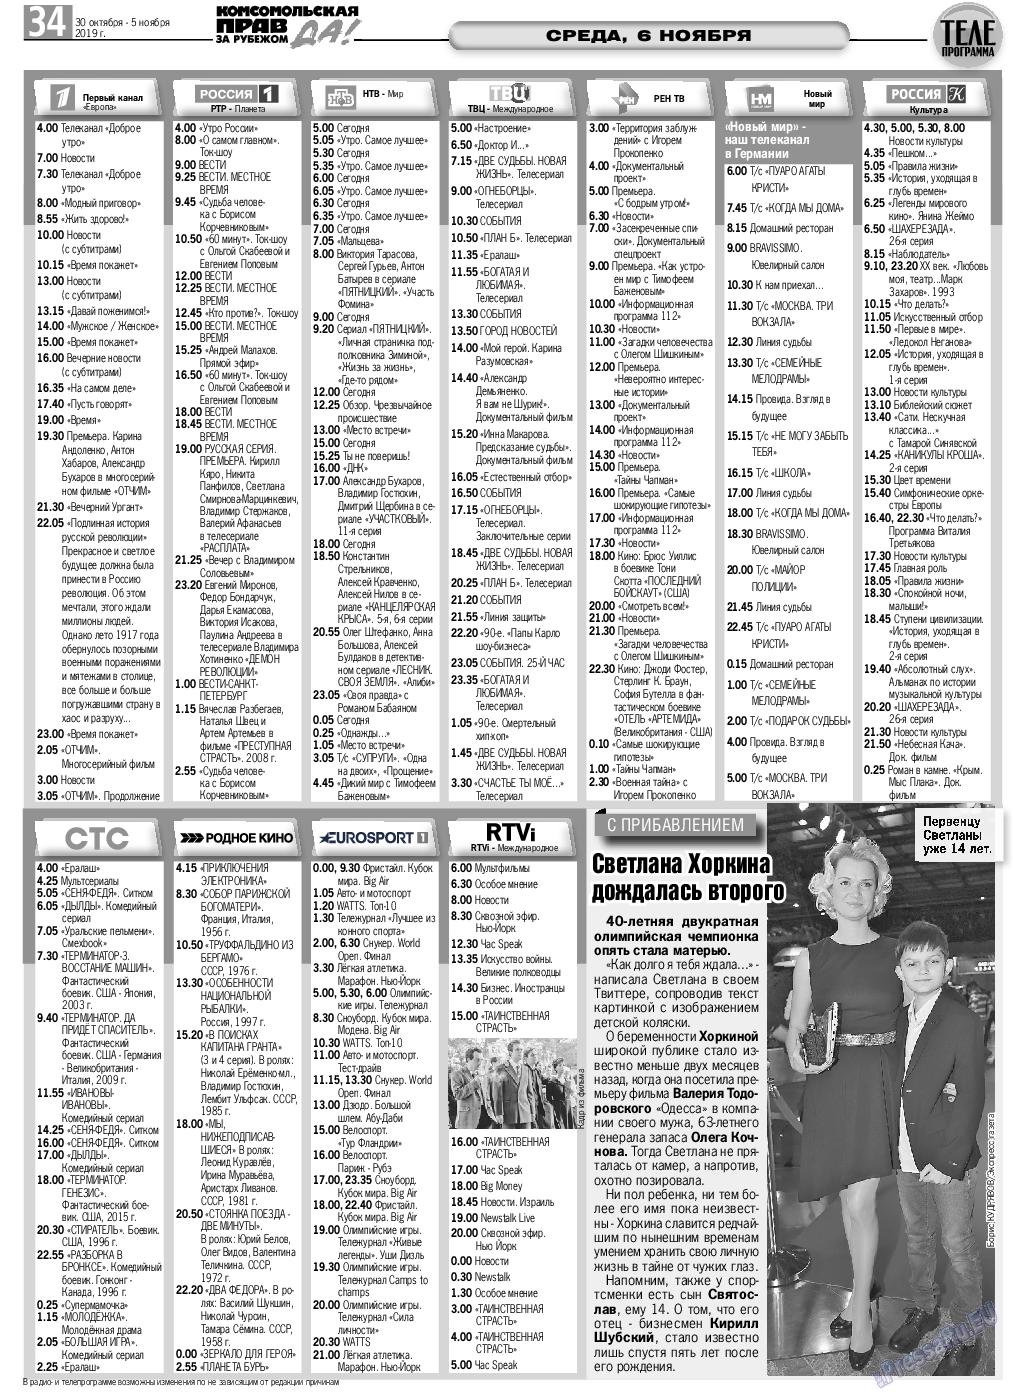 КП в Европе (газета). 2019 год, номер 44, стр. 34